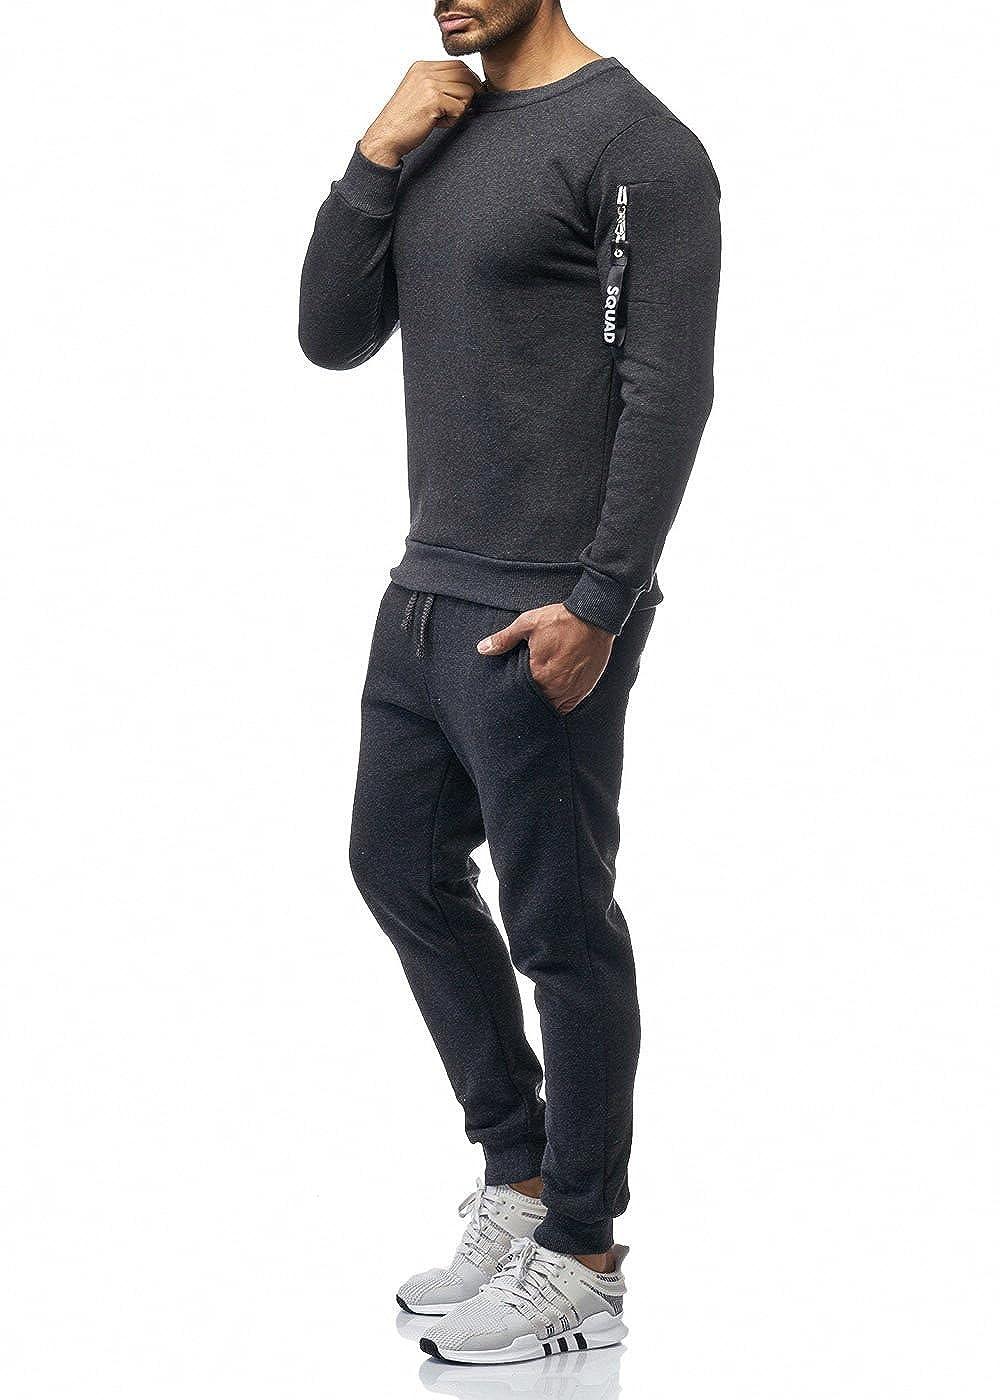 d90be7c24ffd0 OneRedox Herren Jogginganzug Sportanzug Modell 962 Streetwear